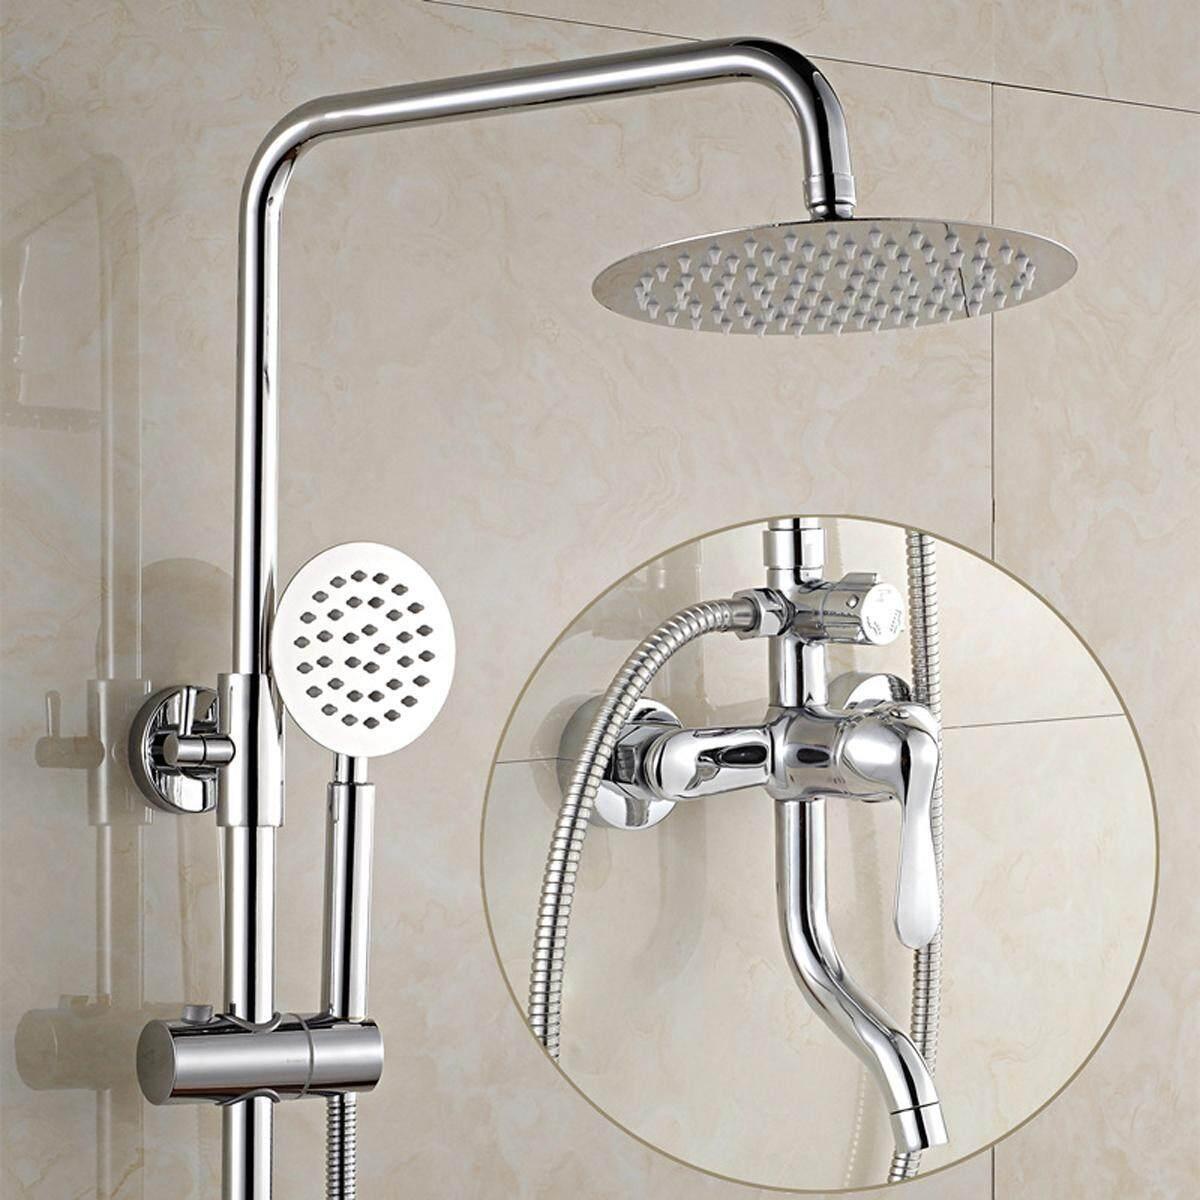 8 Wall Mount Rainfall Shower Head Faucet Set Chrome Brass Shower Tub Mixer Tap